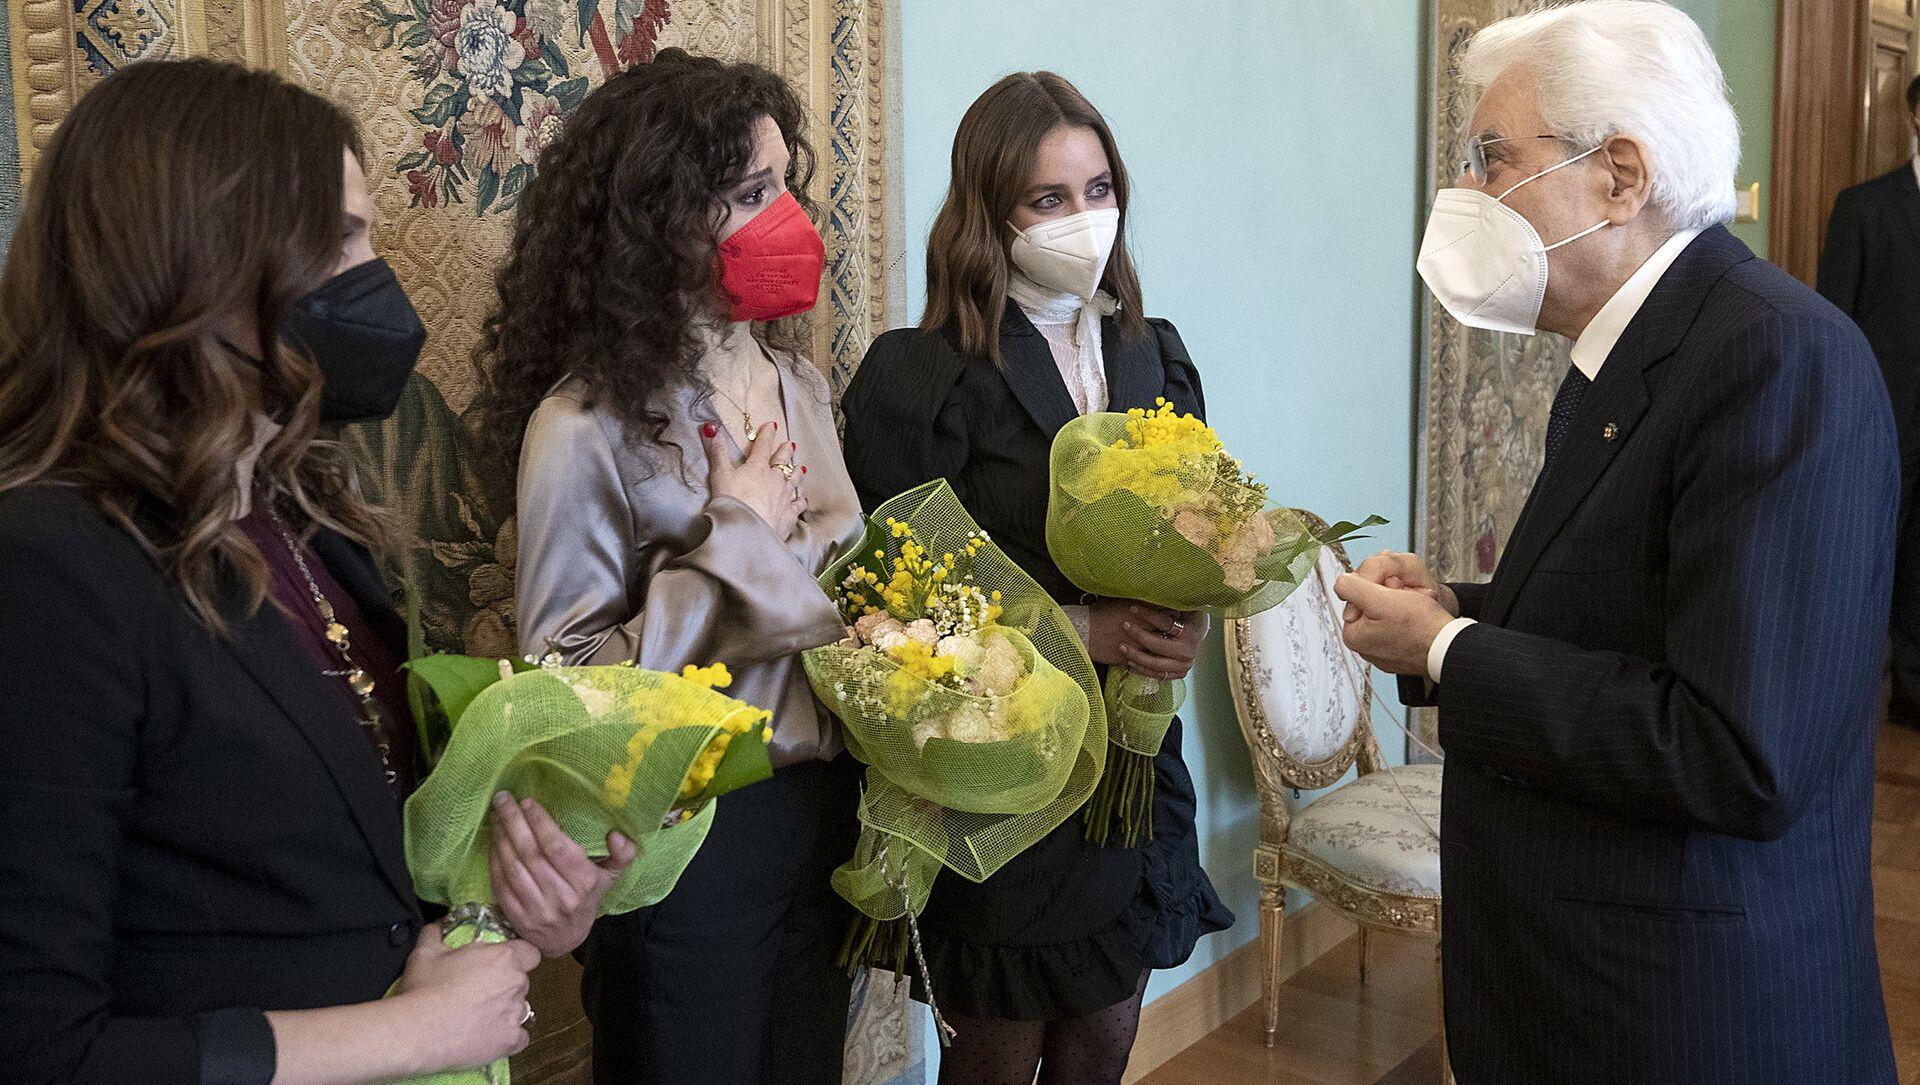 8 marzo, il ricordo di Mattarella delle donne vittime di femminicidio - Sputnik Italia, 1920, 08.03.2021